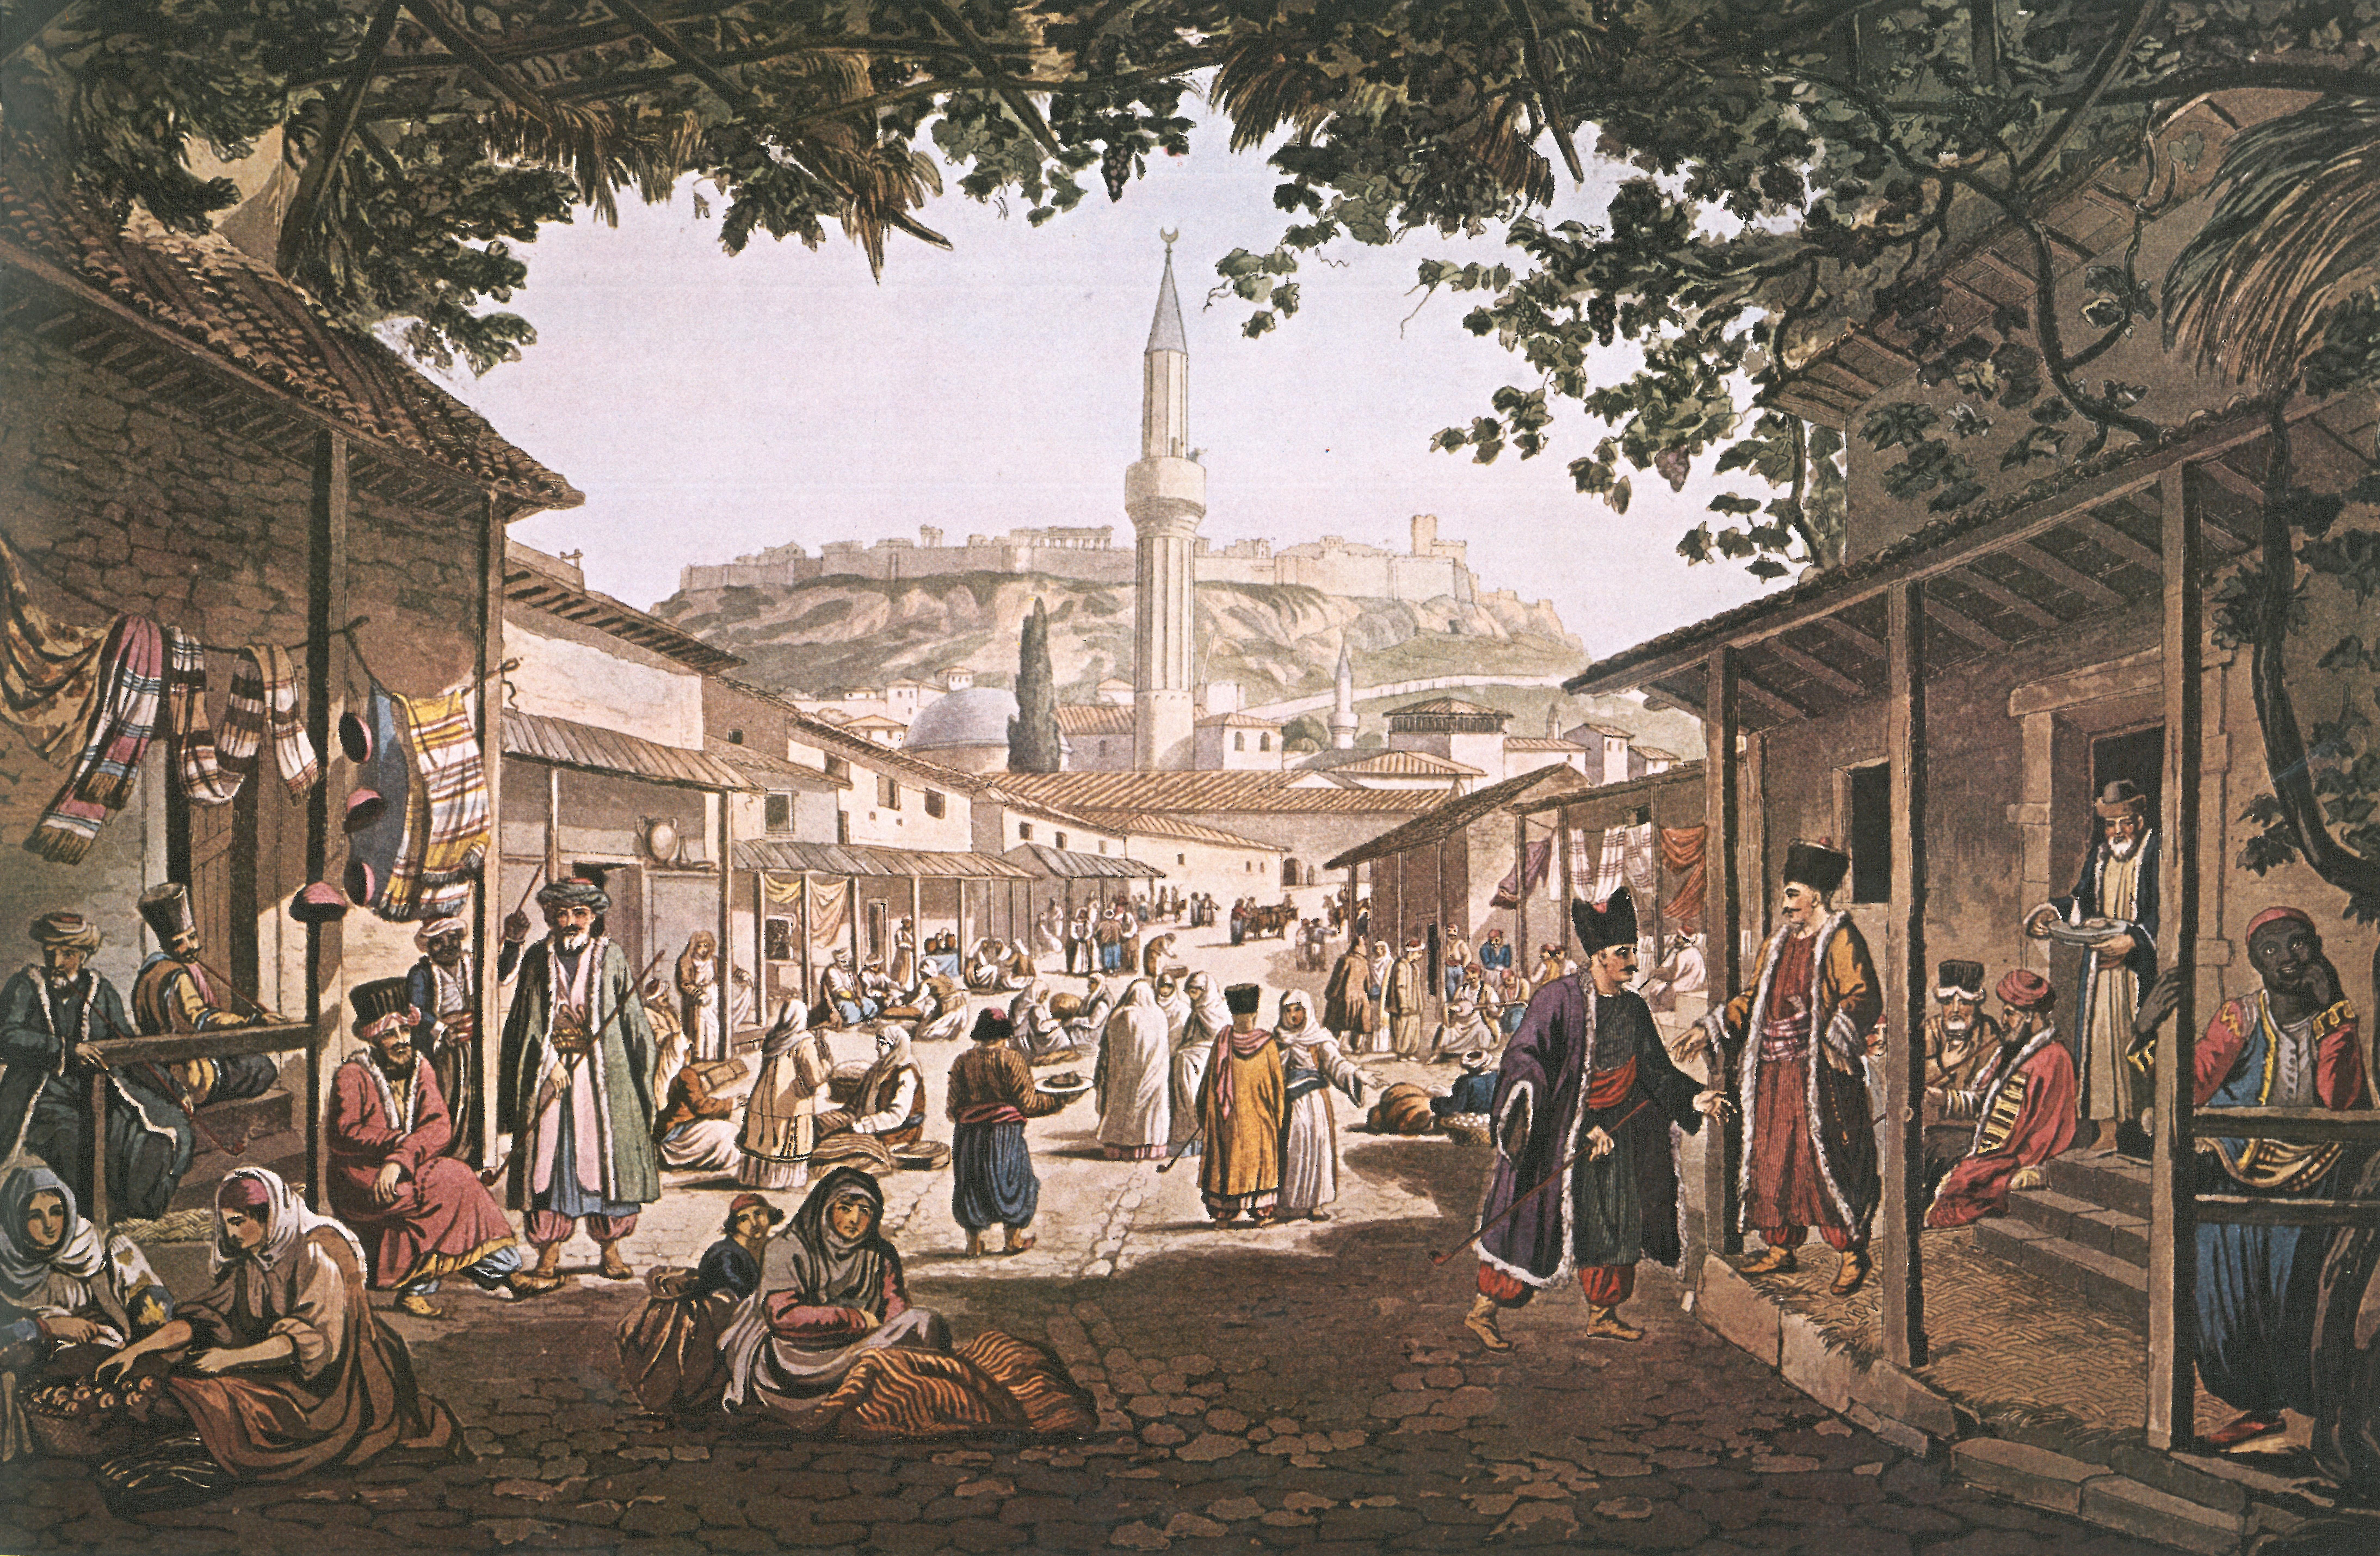 bazar di Atena - muslim